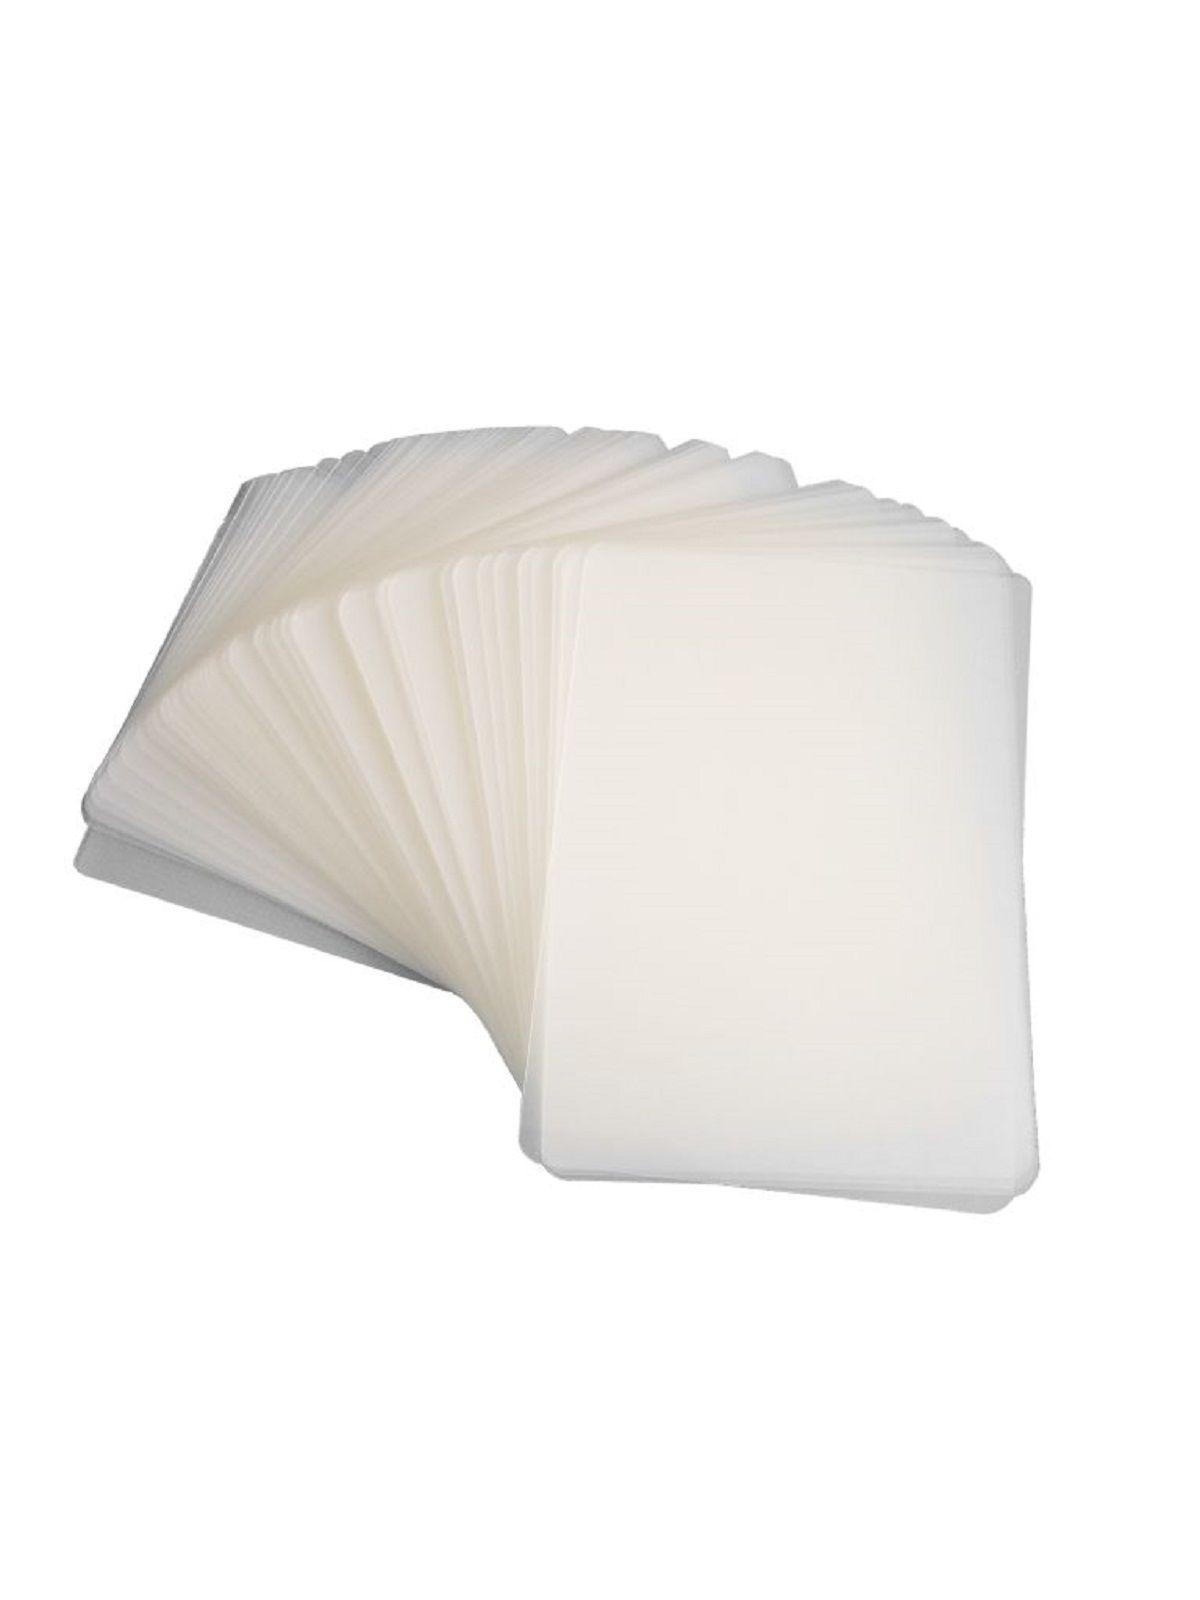 Kit 1000 Plasticos Polaseal para Plastificação 1/2 Oficio 170x226x0,05mm (125 micras)  - Click Suprimentos